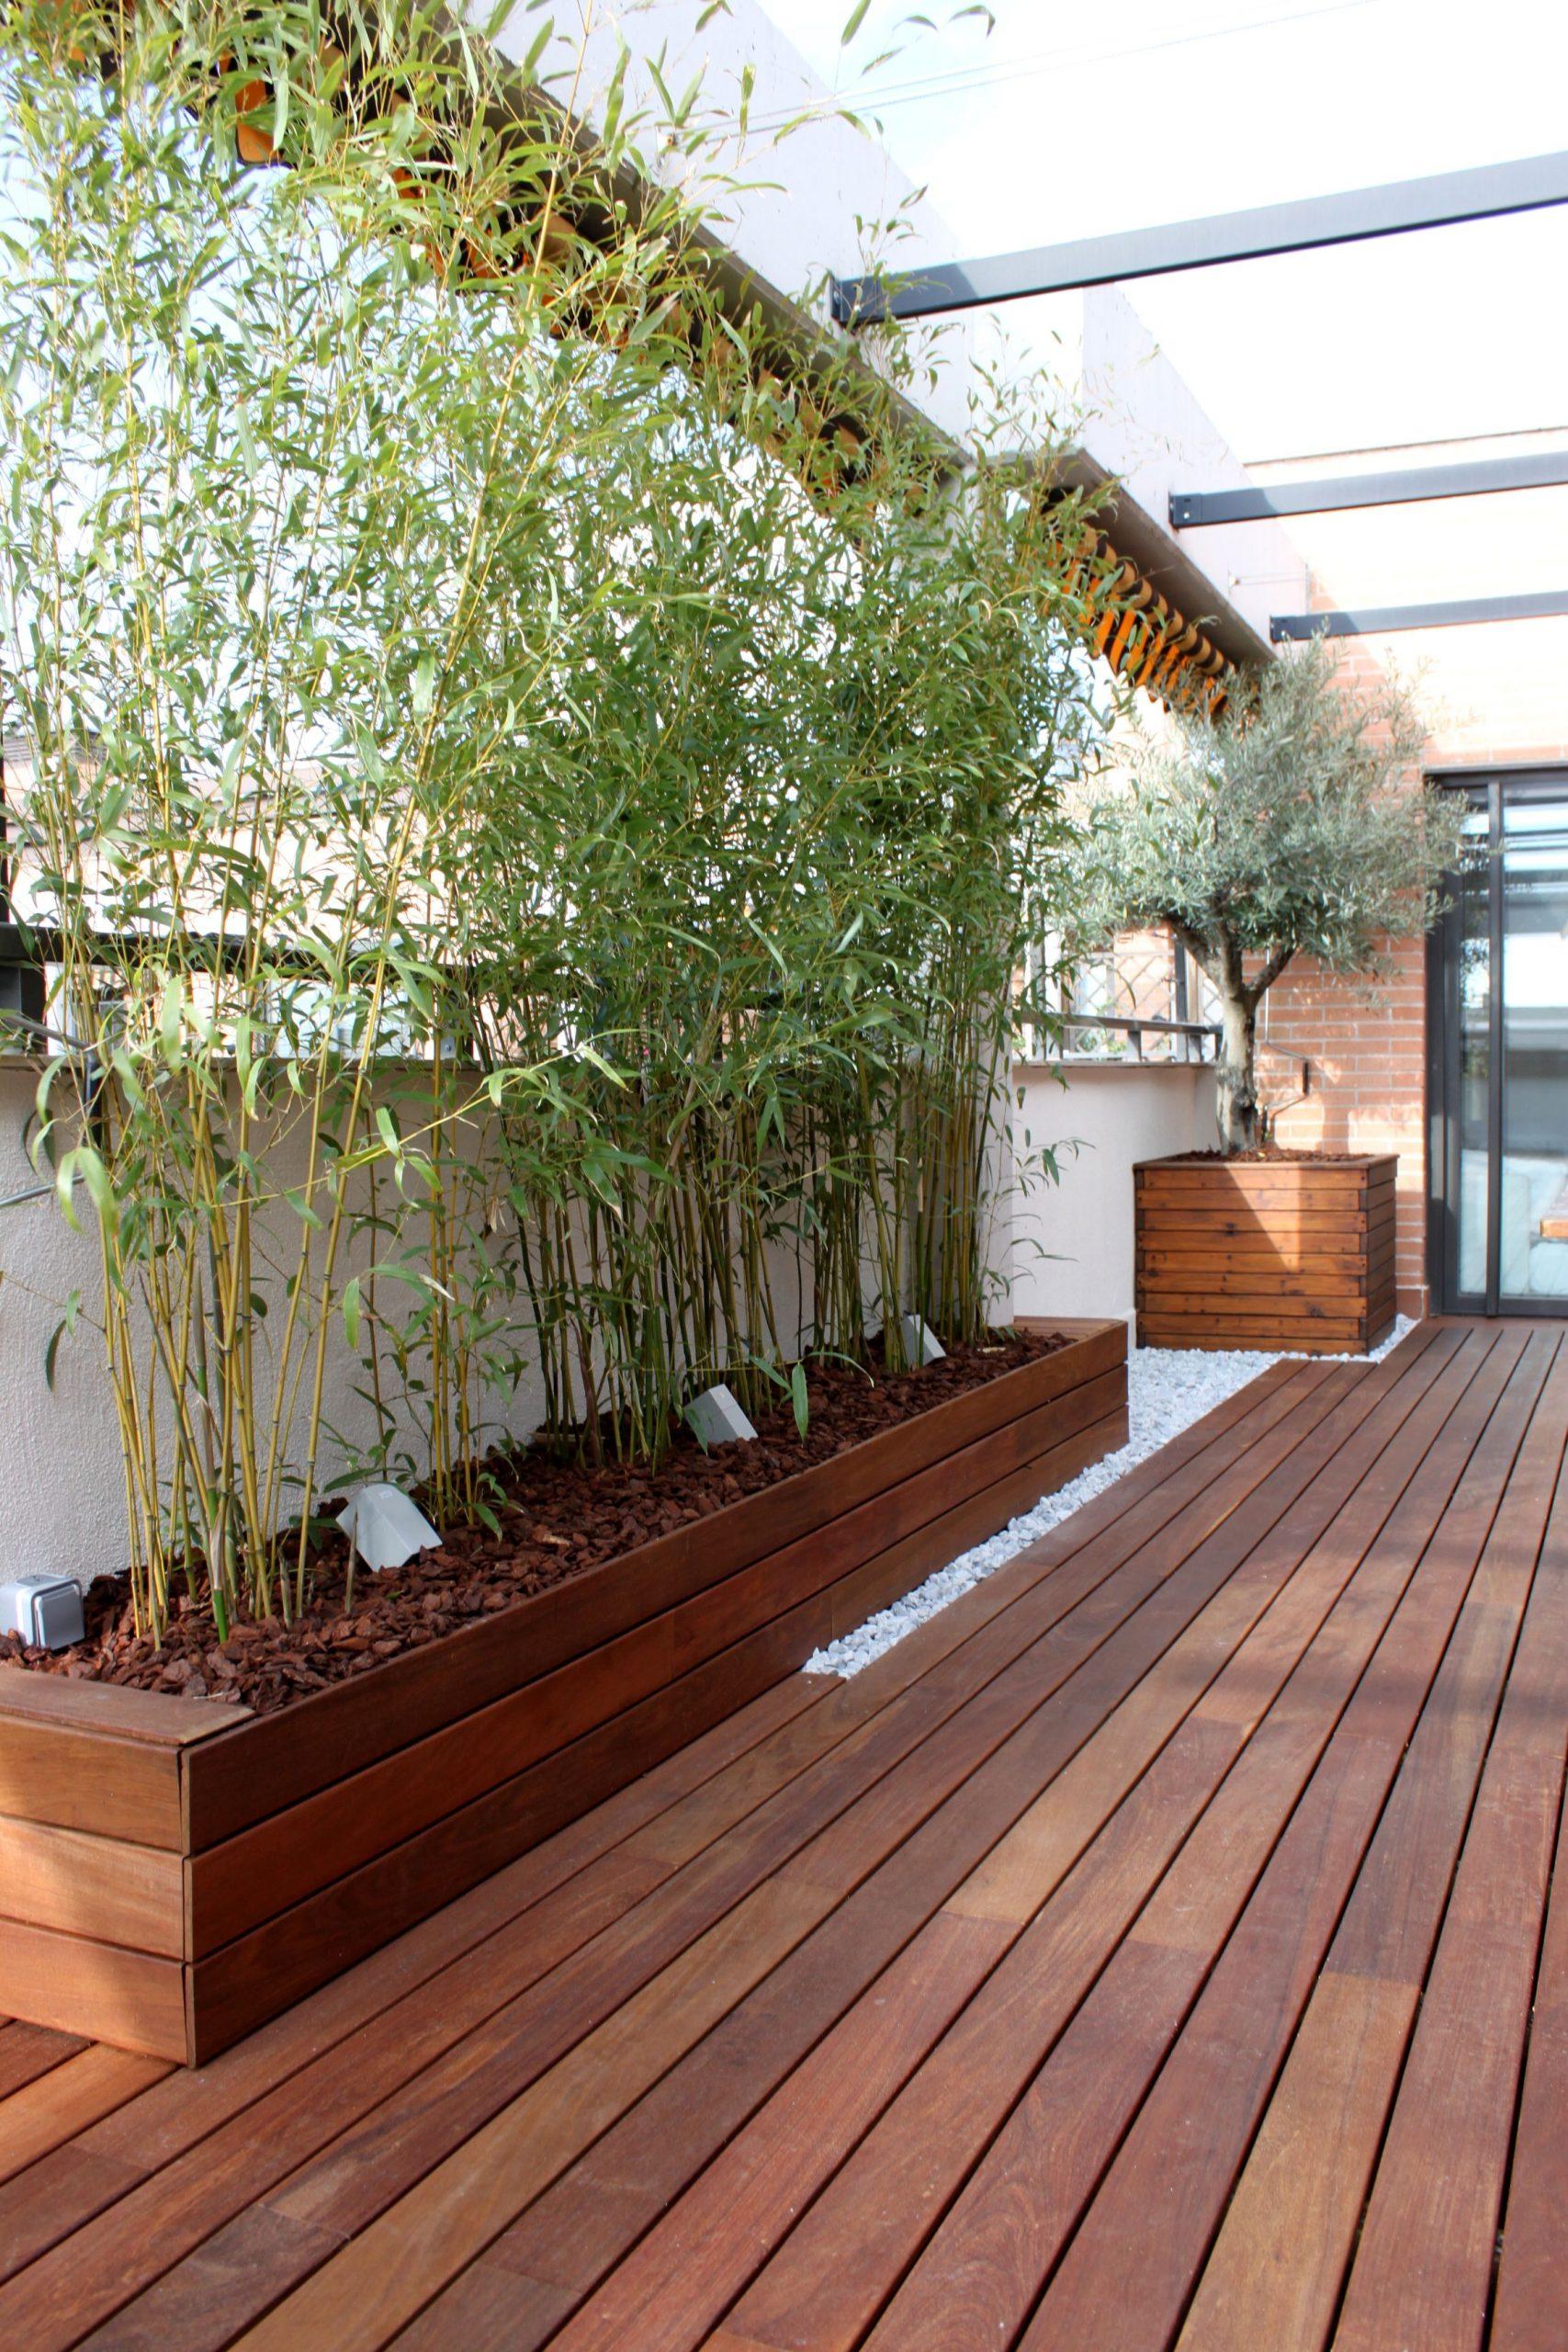 Jardinera De Madera De Ipe Integrada Con El Pavimento ... concernant Bac De Jardin En Bois